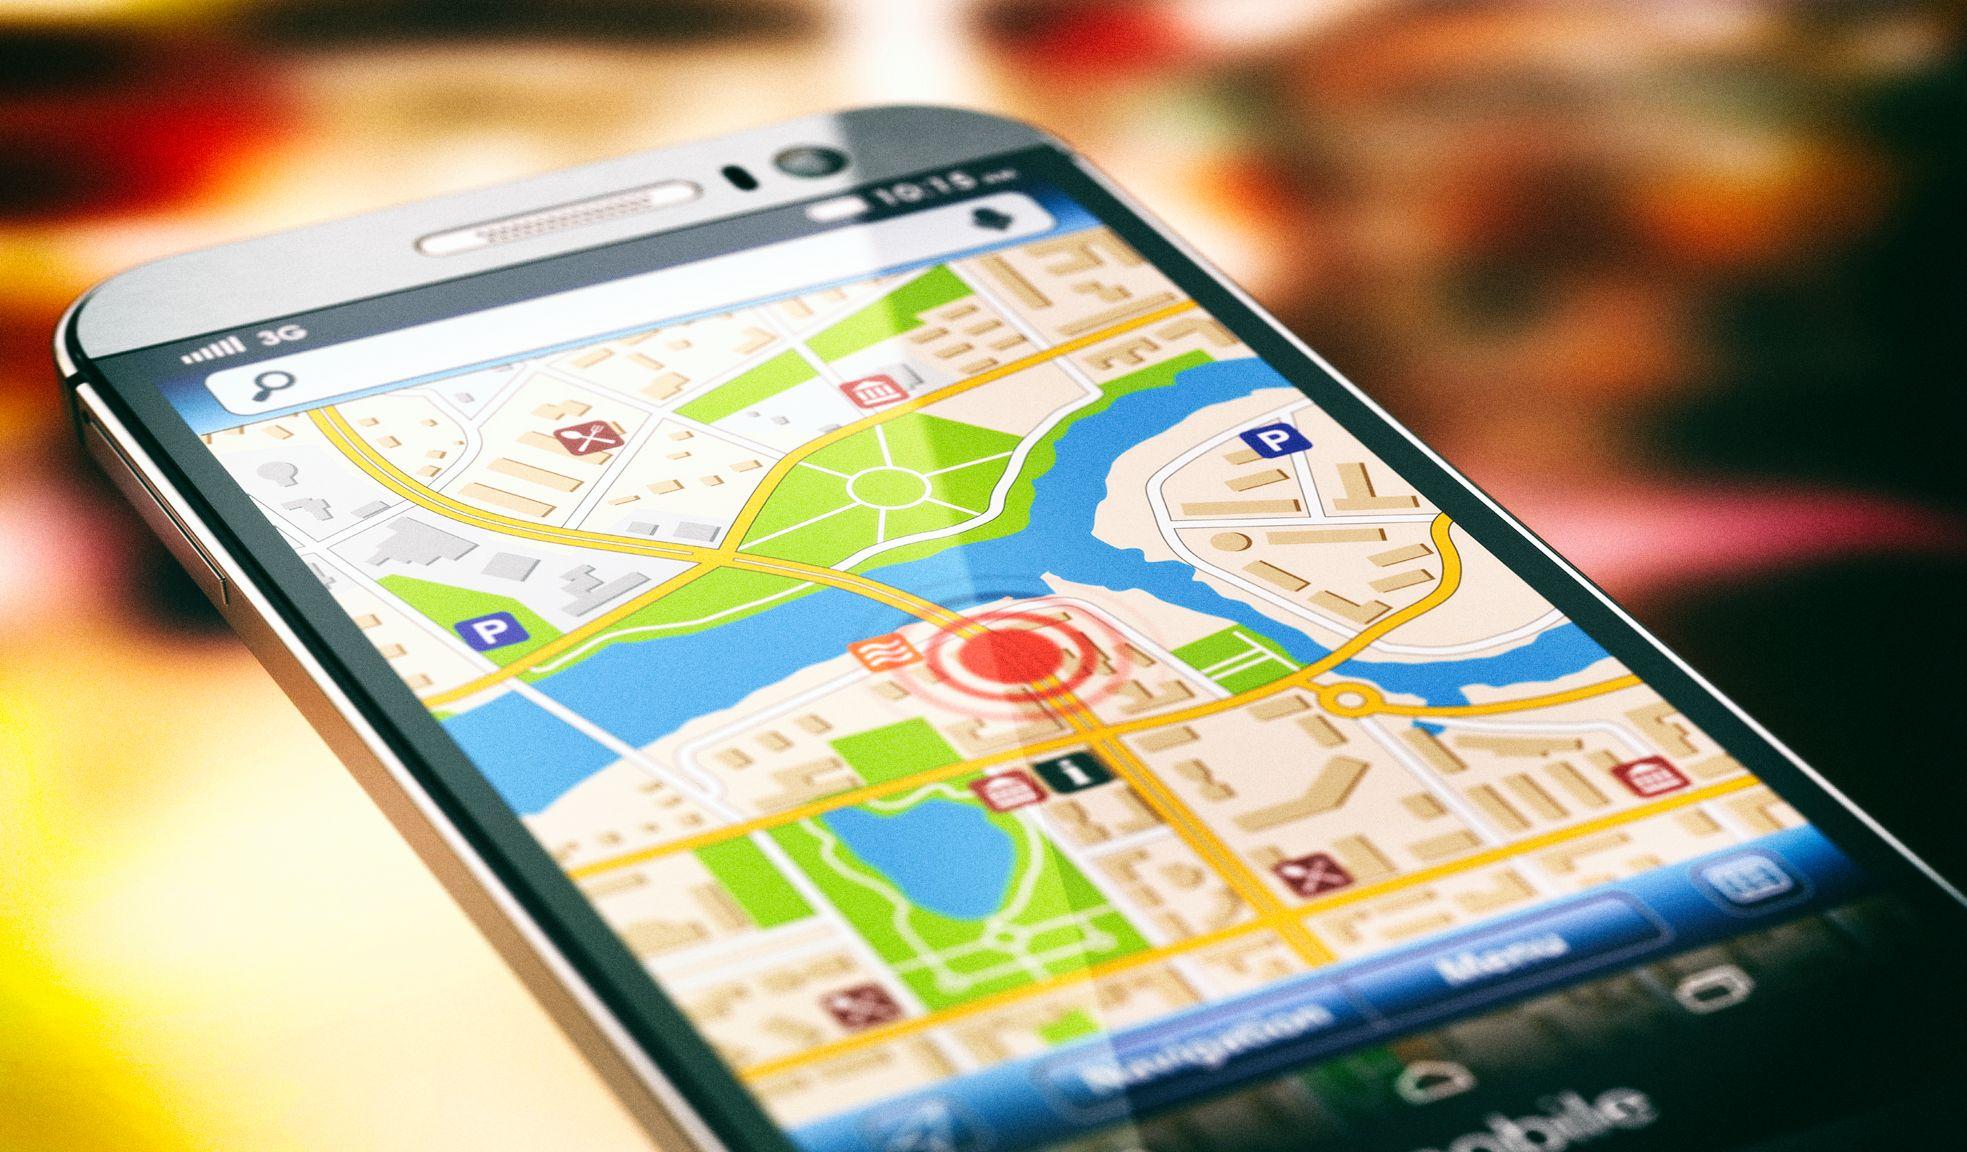 Как подменить свою геолокацию на Android-устройстве